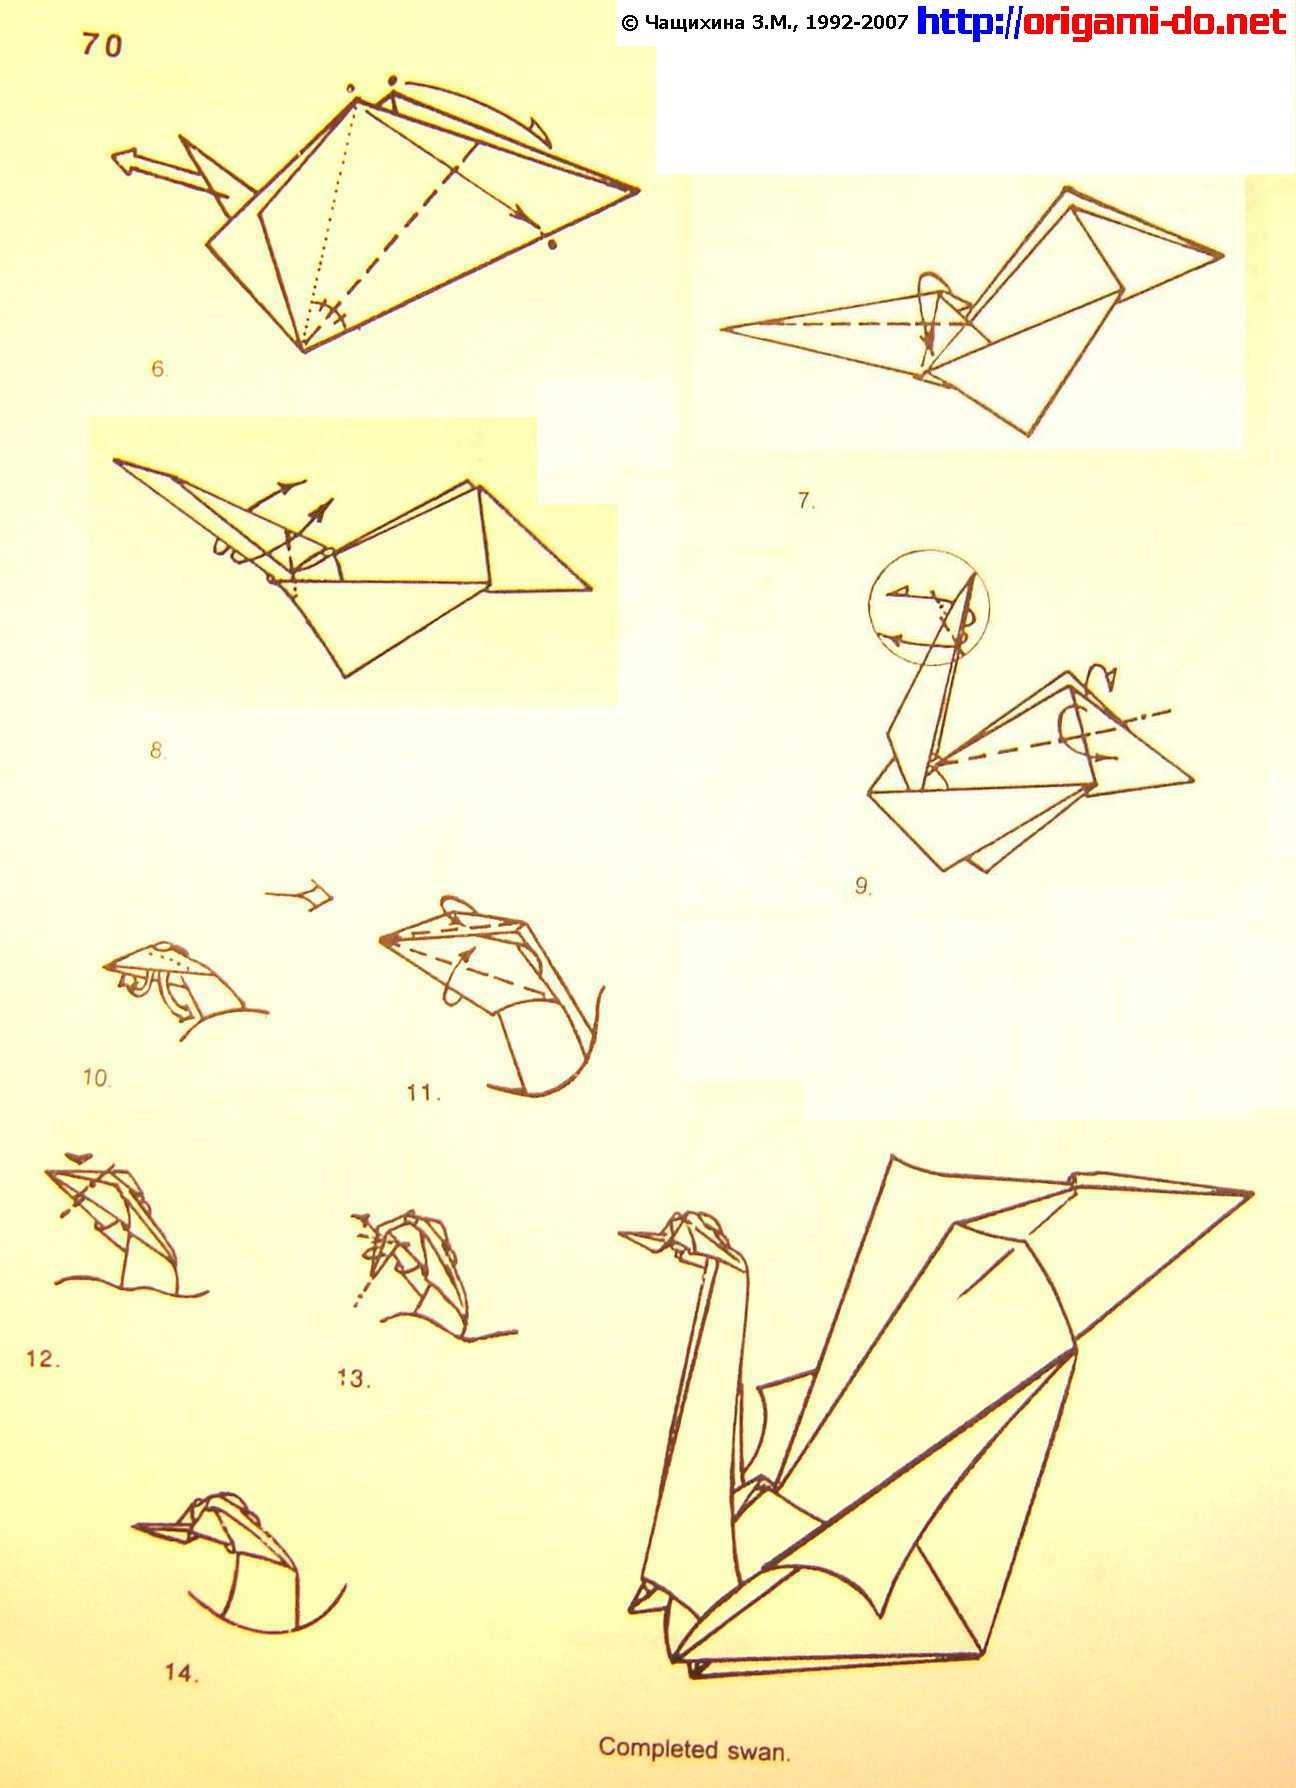 Подробная схема лебедя из оригами